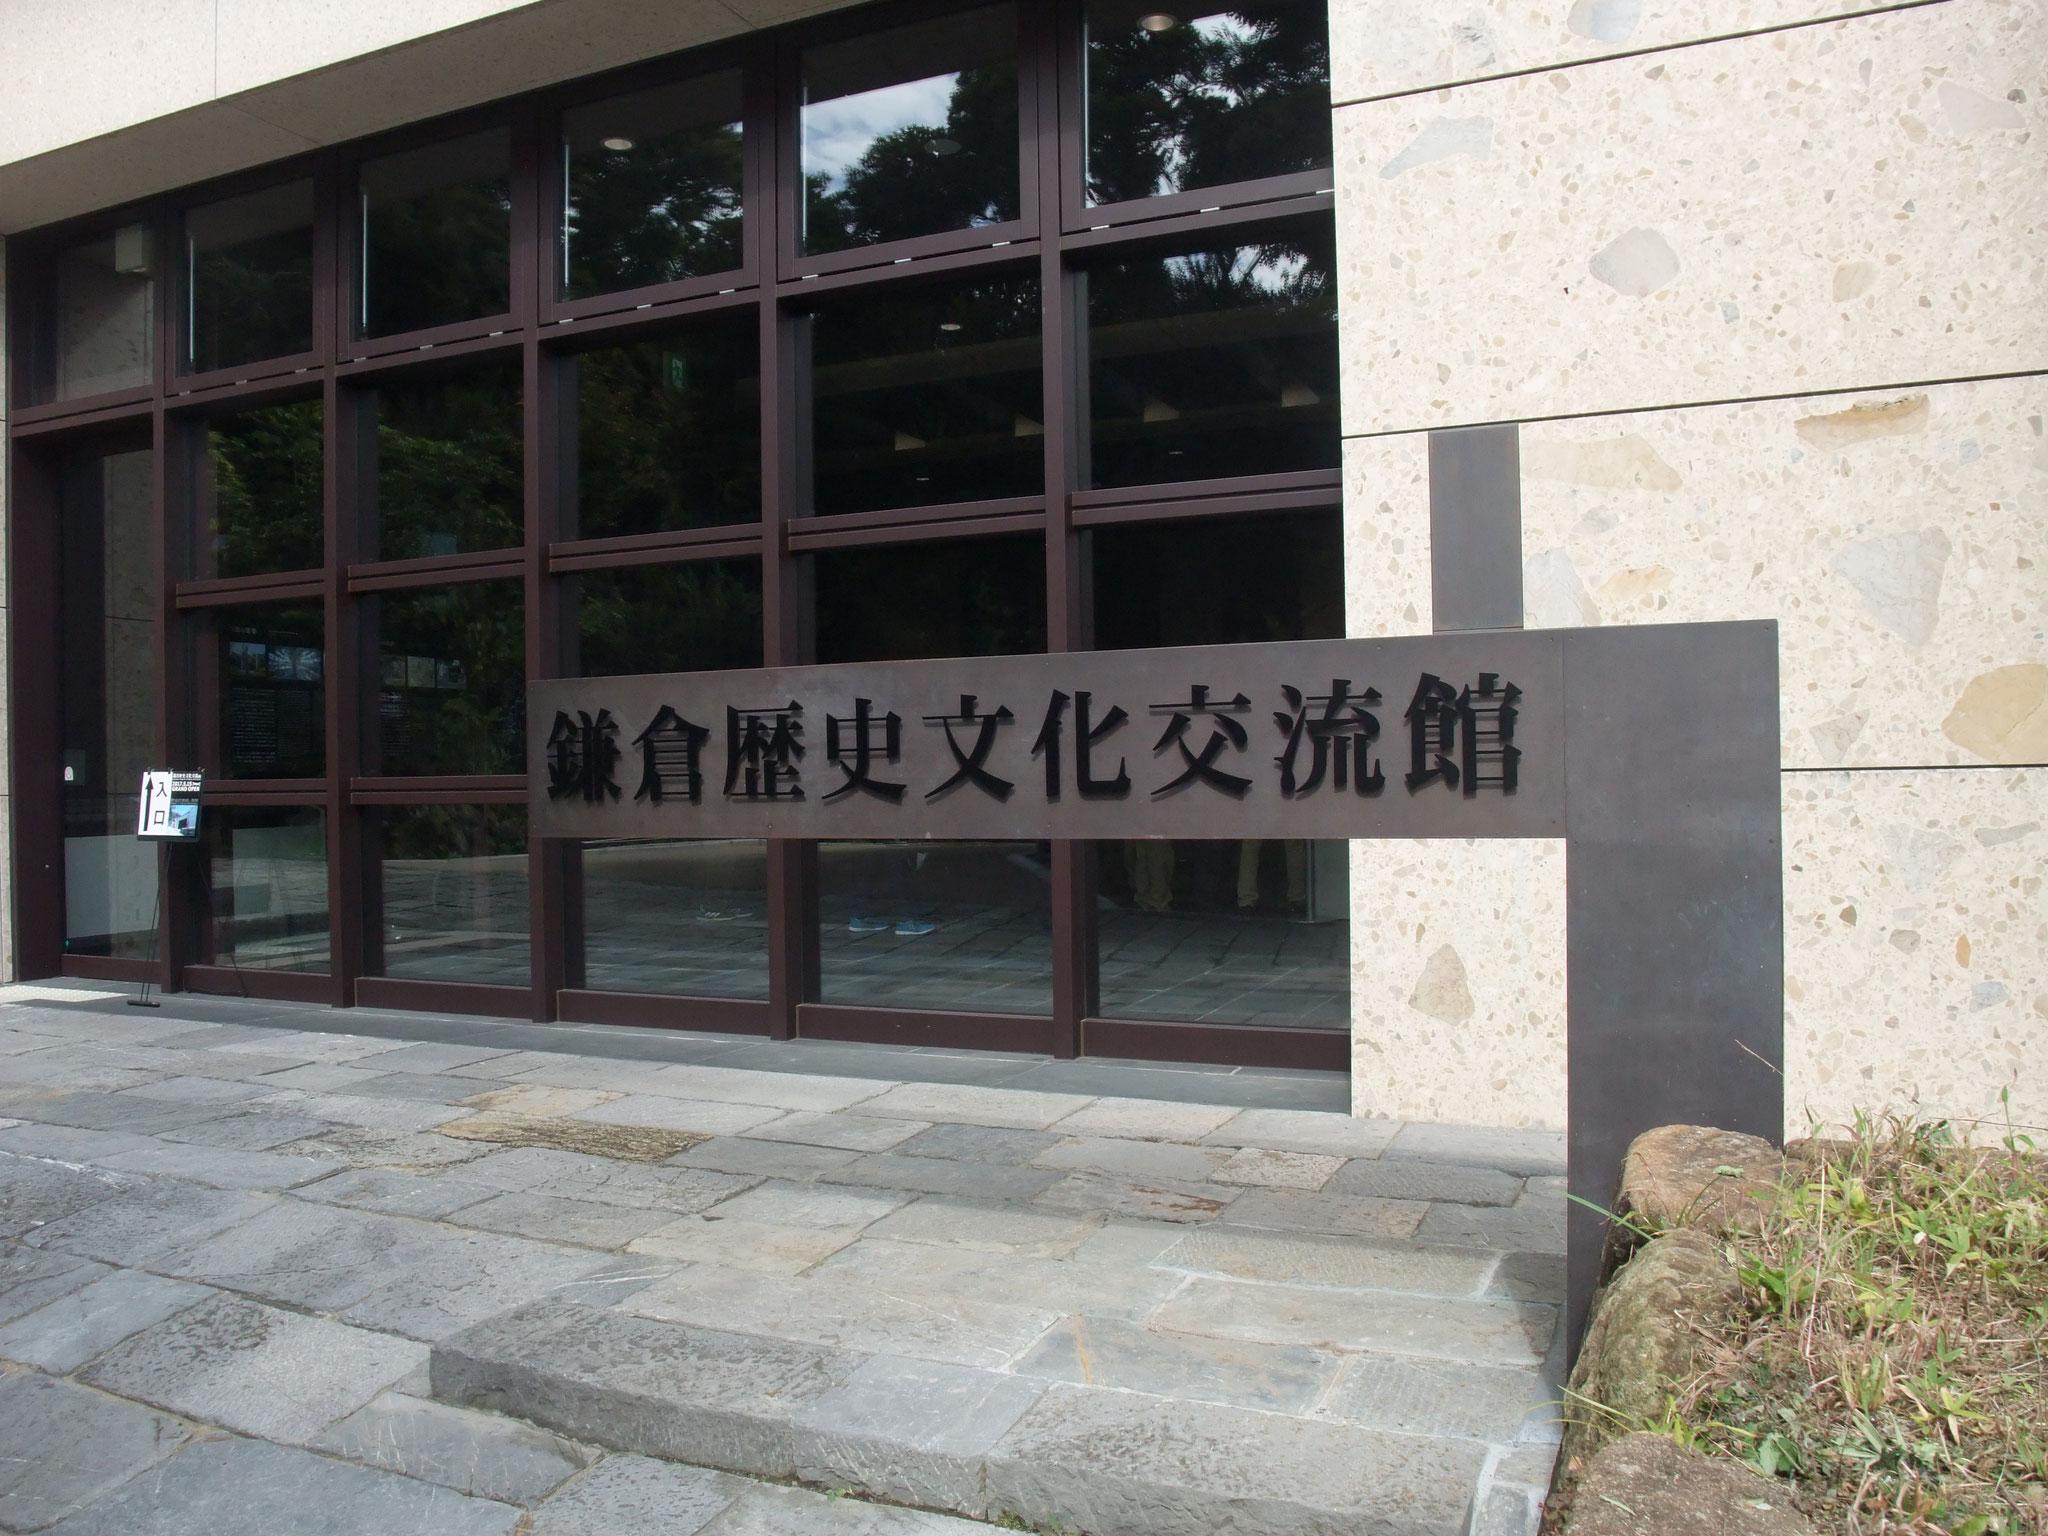 今年5月に開館した鎌倉歴史文化交流館